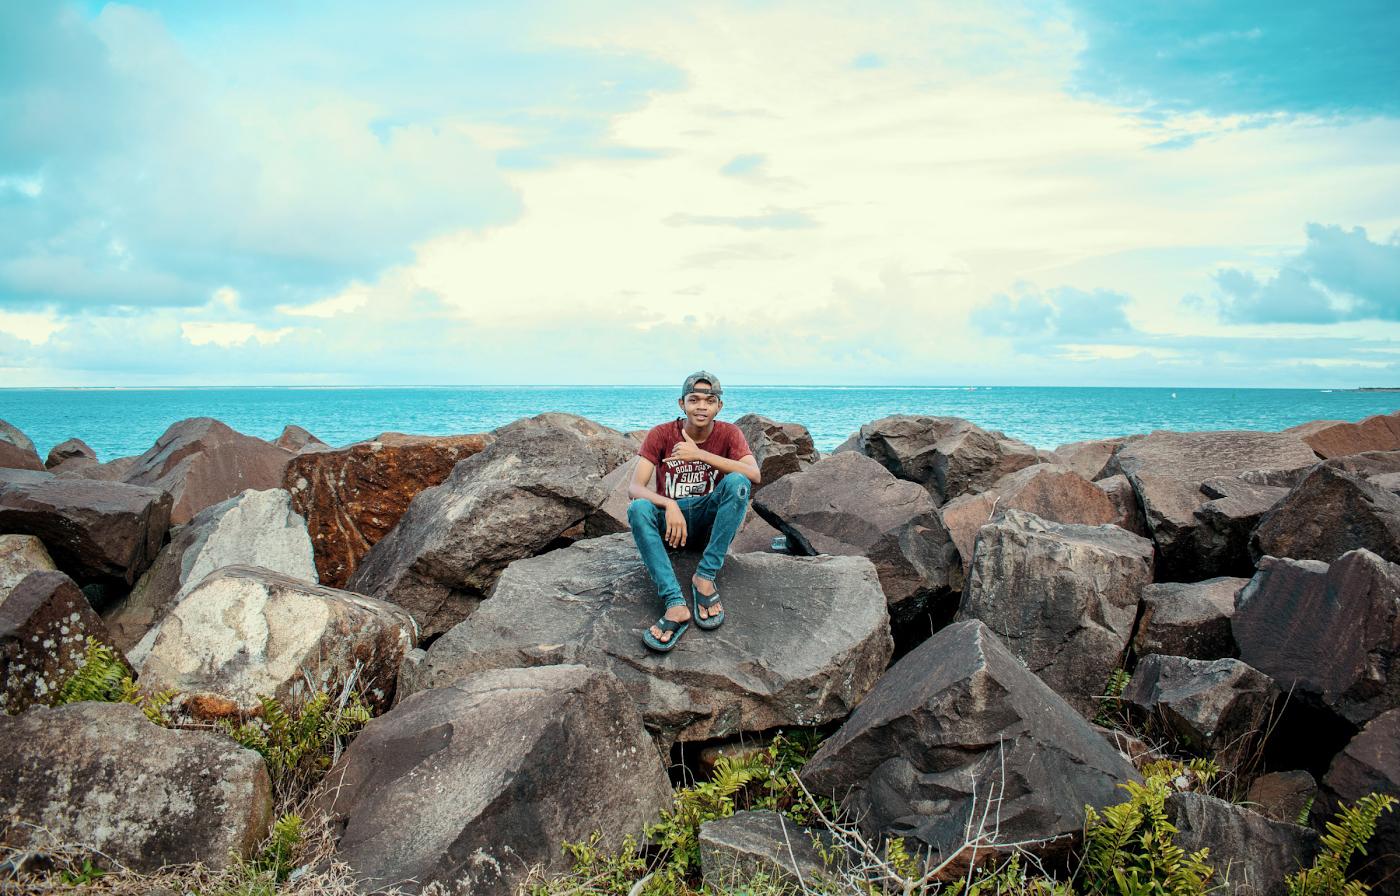 Фотография 32. Приезжайте на Мадагаскар, чтобы опробовать ваш фотоаппарат Nikon D5600 KIT 18-55mm f/3.5-5.6G AF-P.